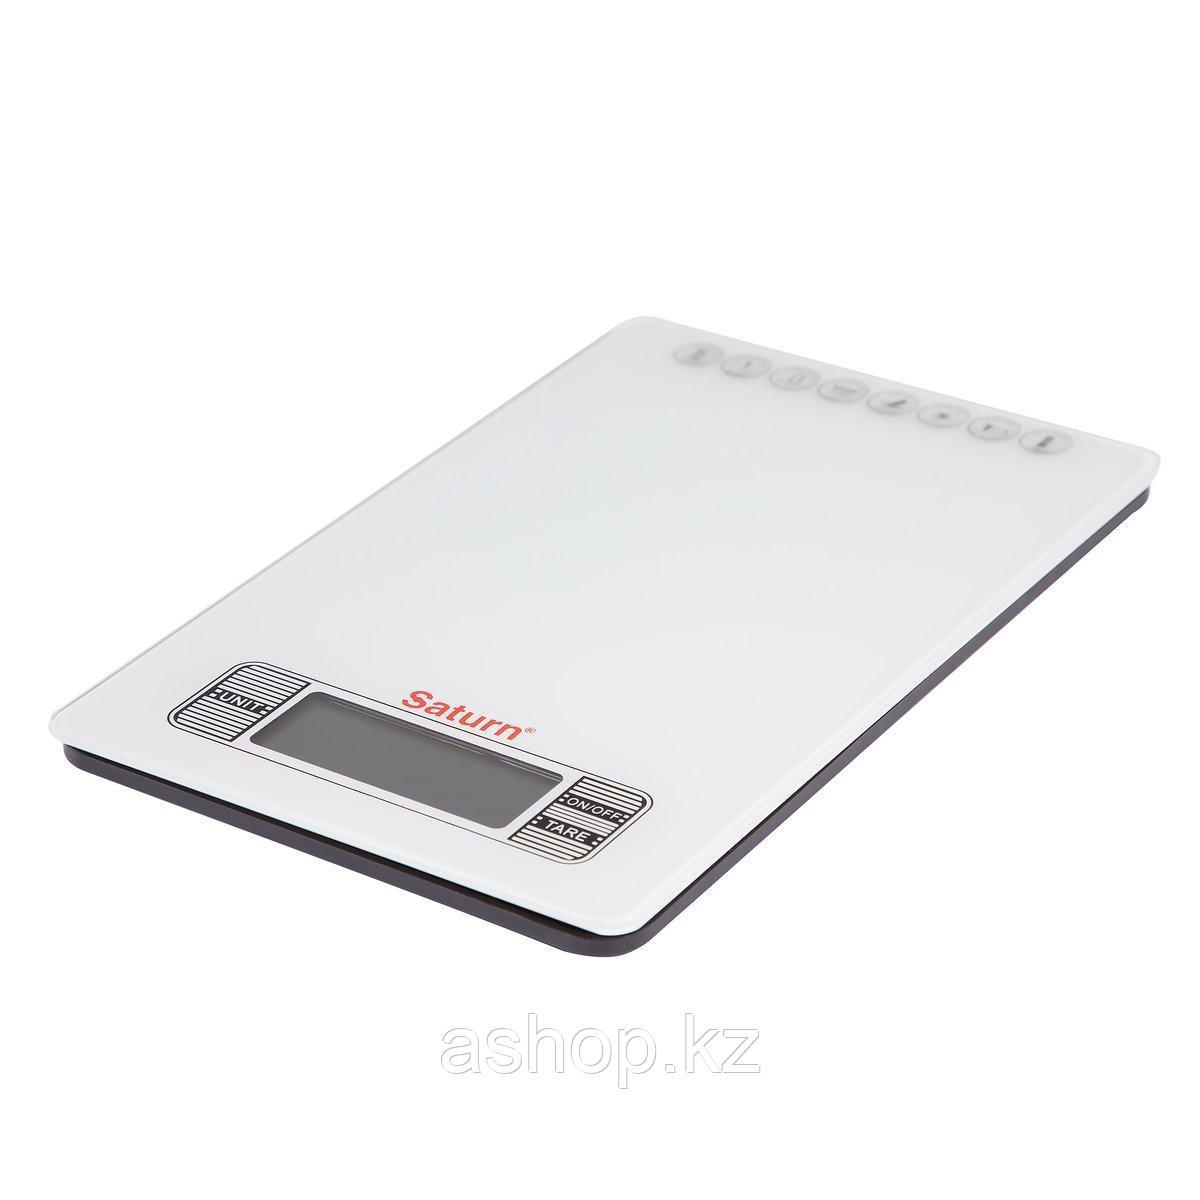 Весы кухонные ультратонкие Saturn ST-KS7235, Допустимый вес: 5 кг, Точность: 1 г, Замер горячих продуктов, Сте